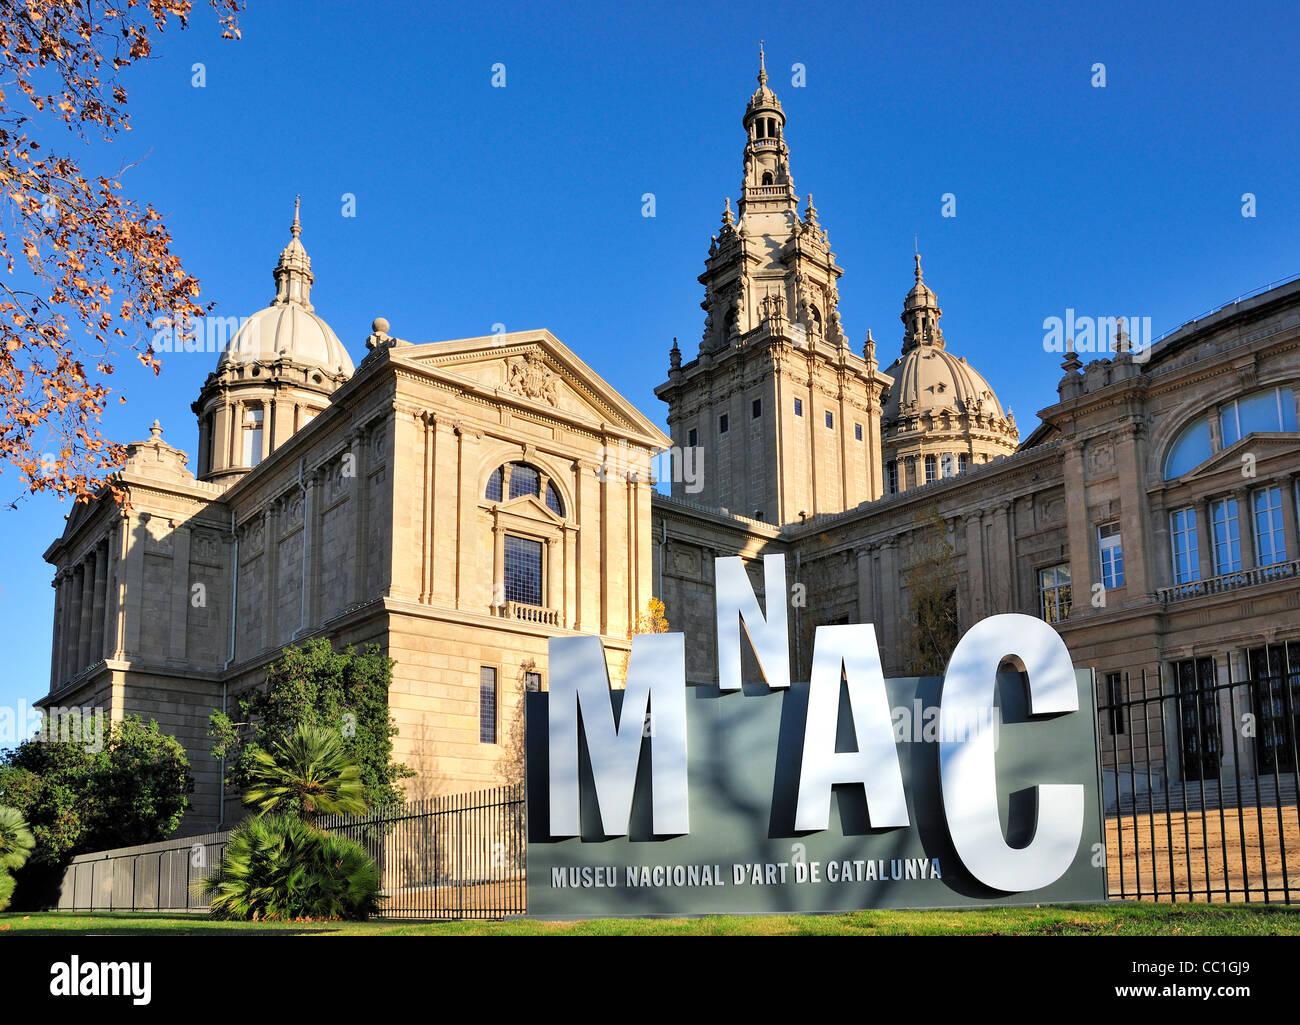 Barcelona, Spain. MNAC - Museu Nacional D'Art de Catalunya in the Palau Nacional on Montjuic Hill - Stock Image